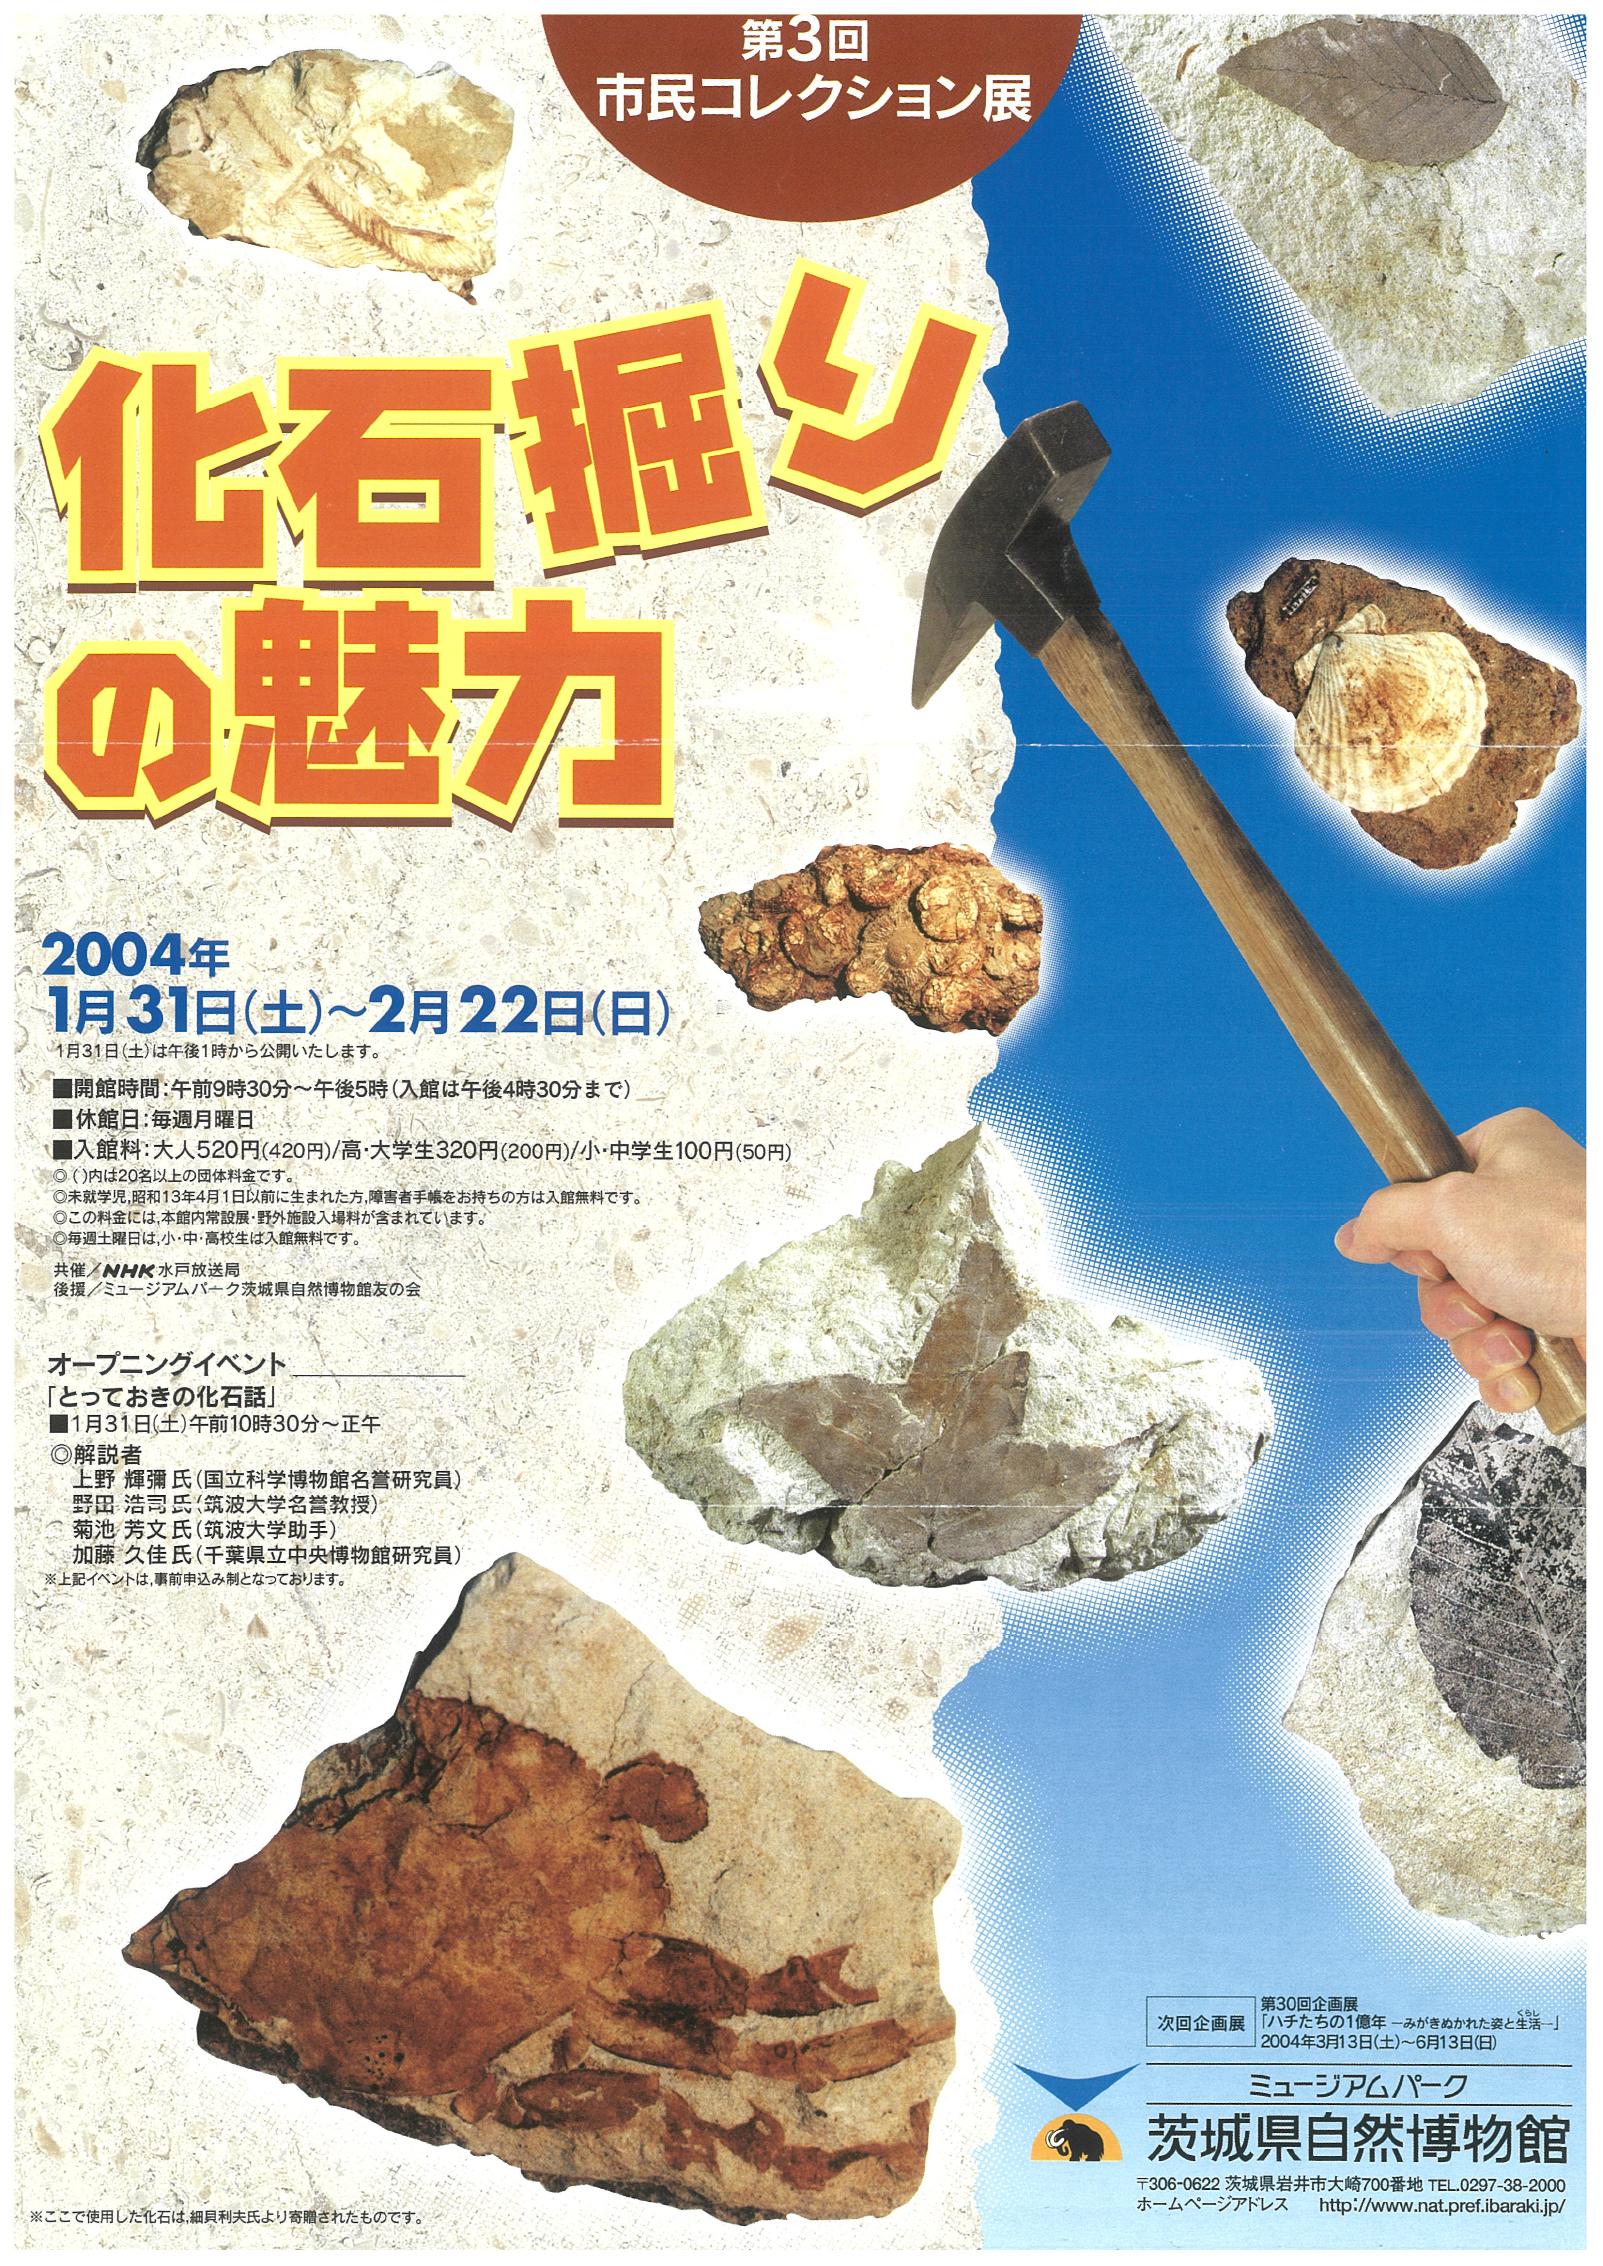 化石掘りの魅力